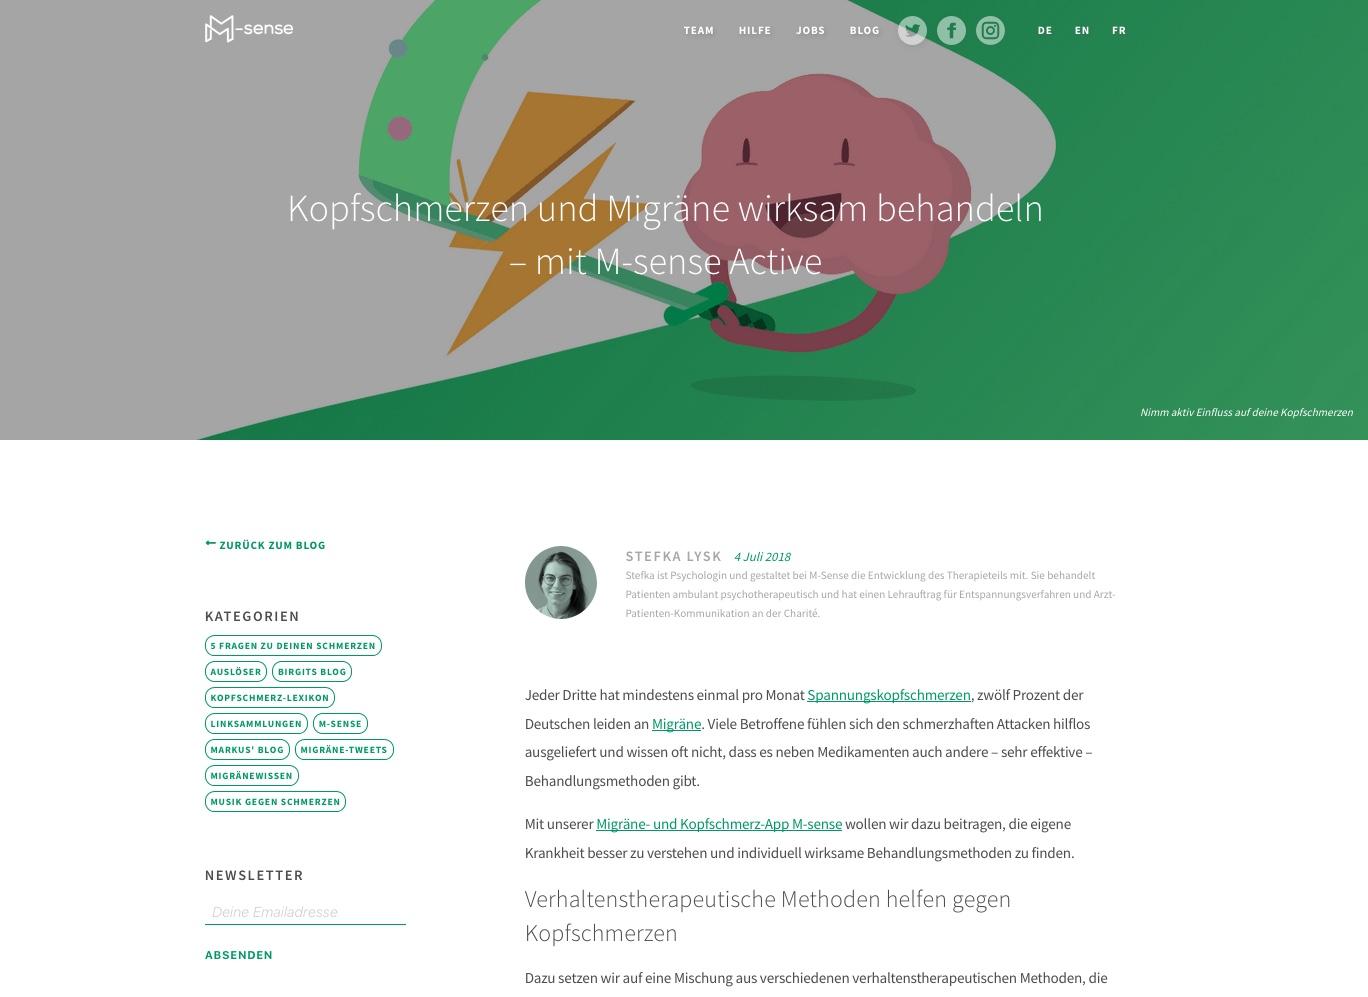 M-sense Screenshot. harité und M-sense starten innovatives Projekt zur Migränetherapie